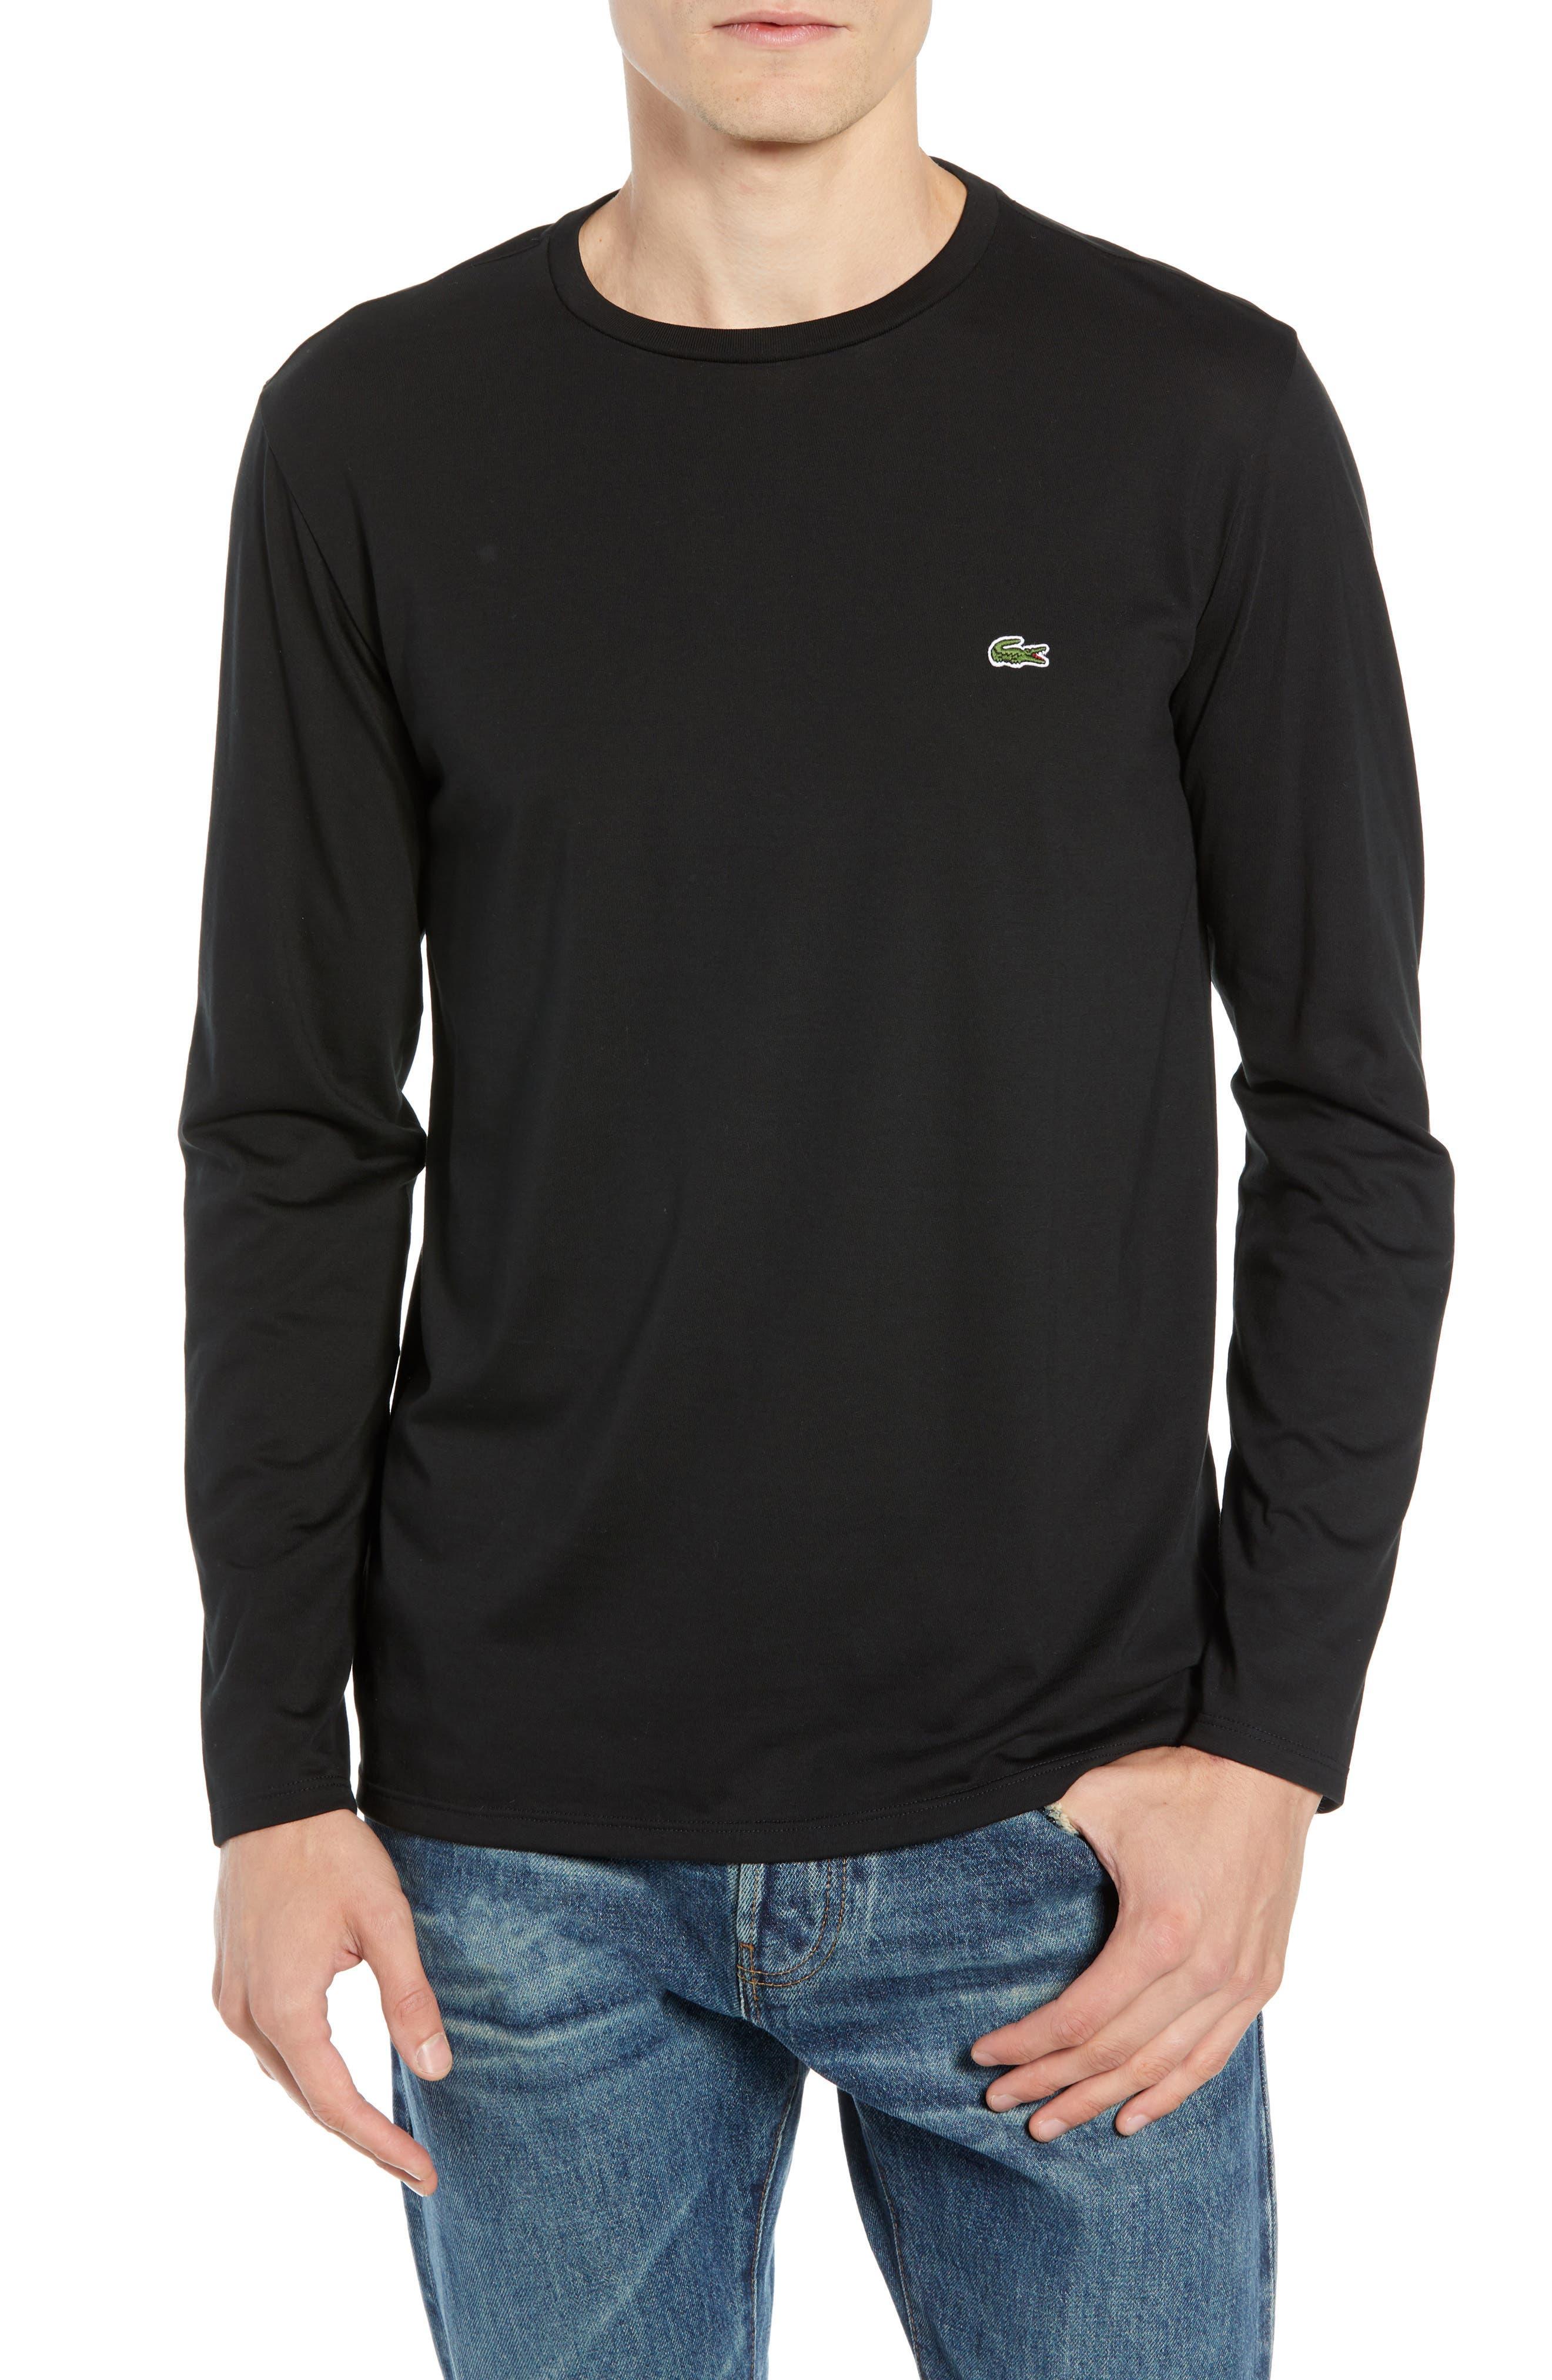 LACOSTE Long Sleeve Pima Cotton T-Shirt, Main, color, BLACK